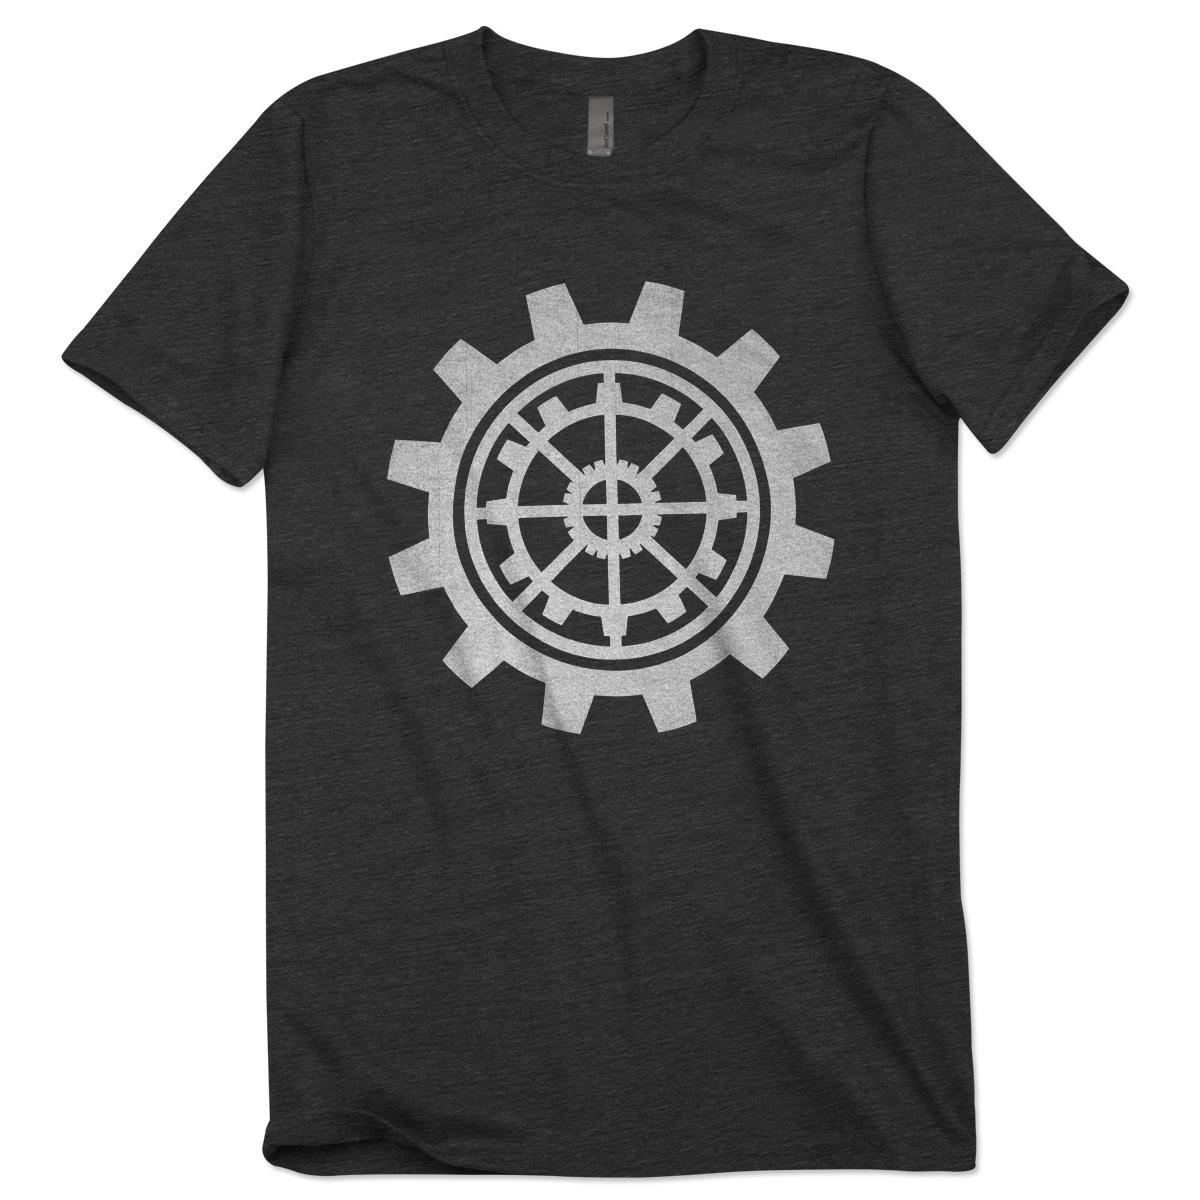 BoomBox Gears T-Shirt